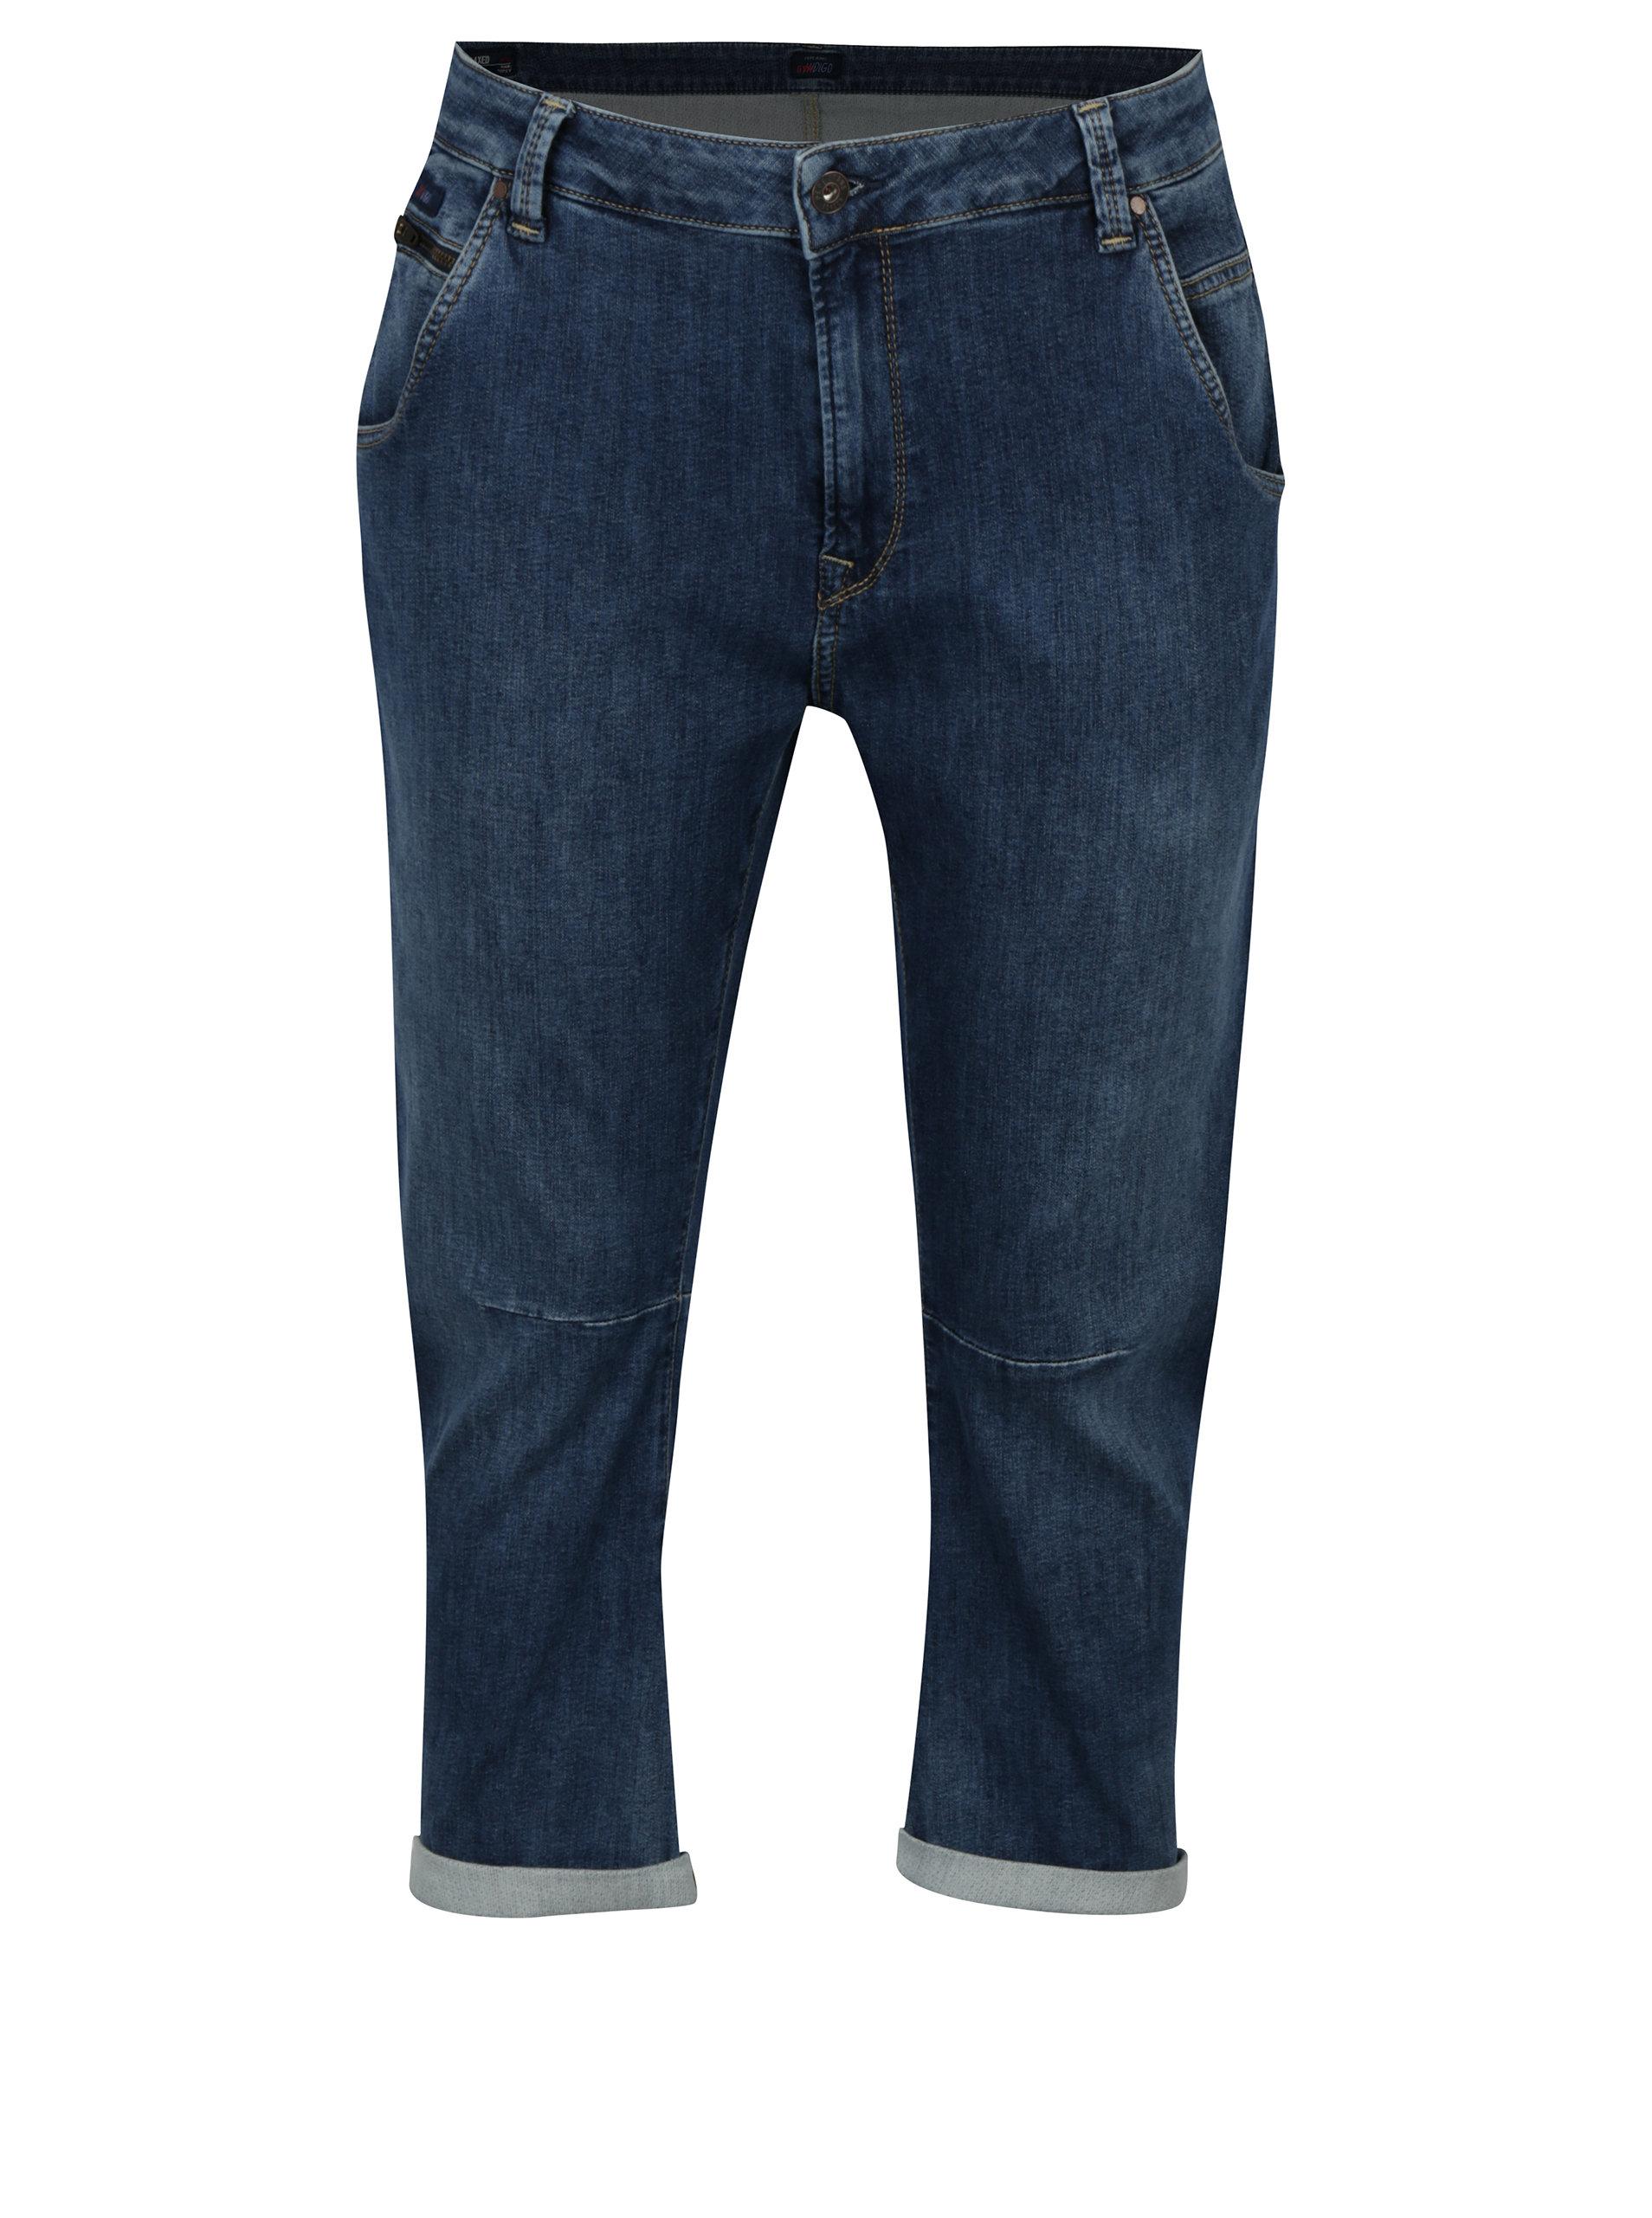 Modré dámské relaxed zkrácené džíny Pepe Jeans Topsy ... 258d500e94